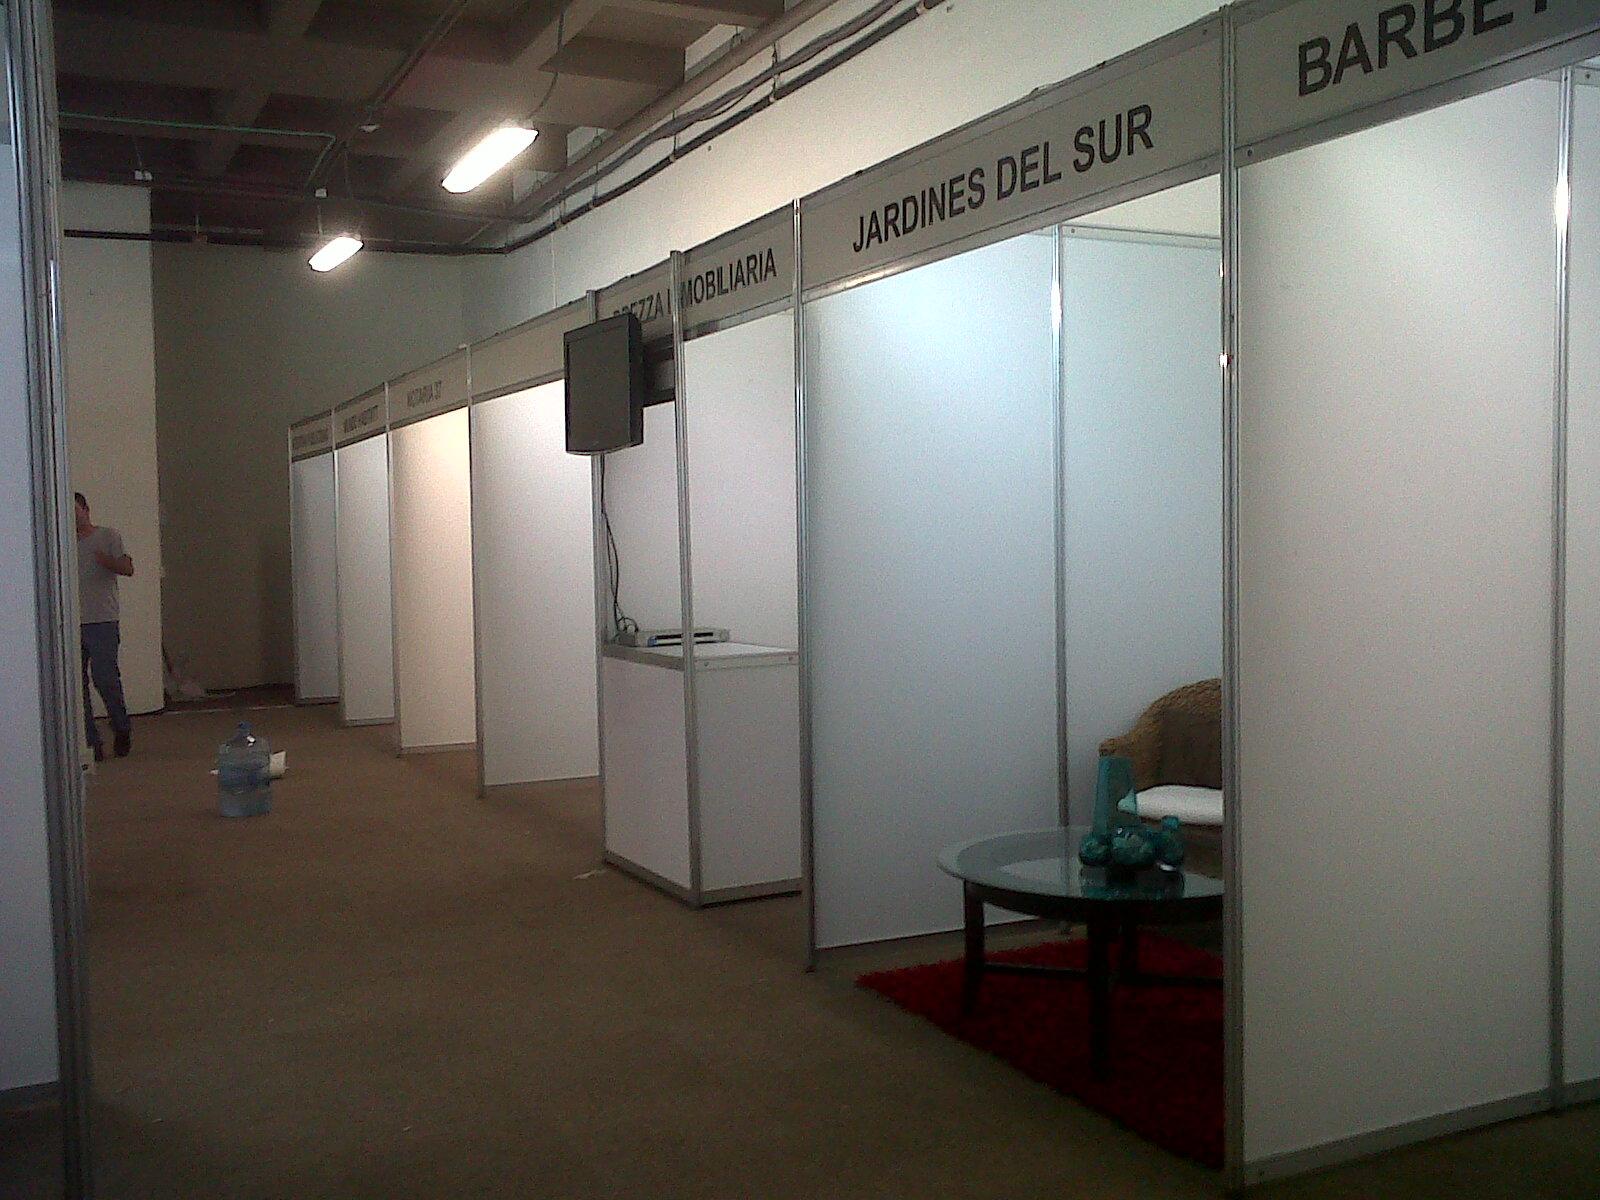 Expo Stands Montajes 2003 : Montaje de stands para expo bienes raices en b cancún